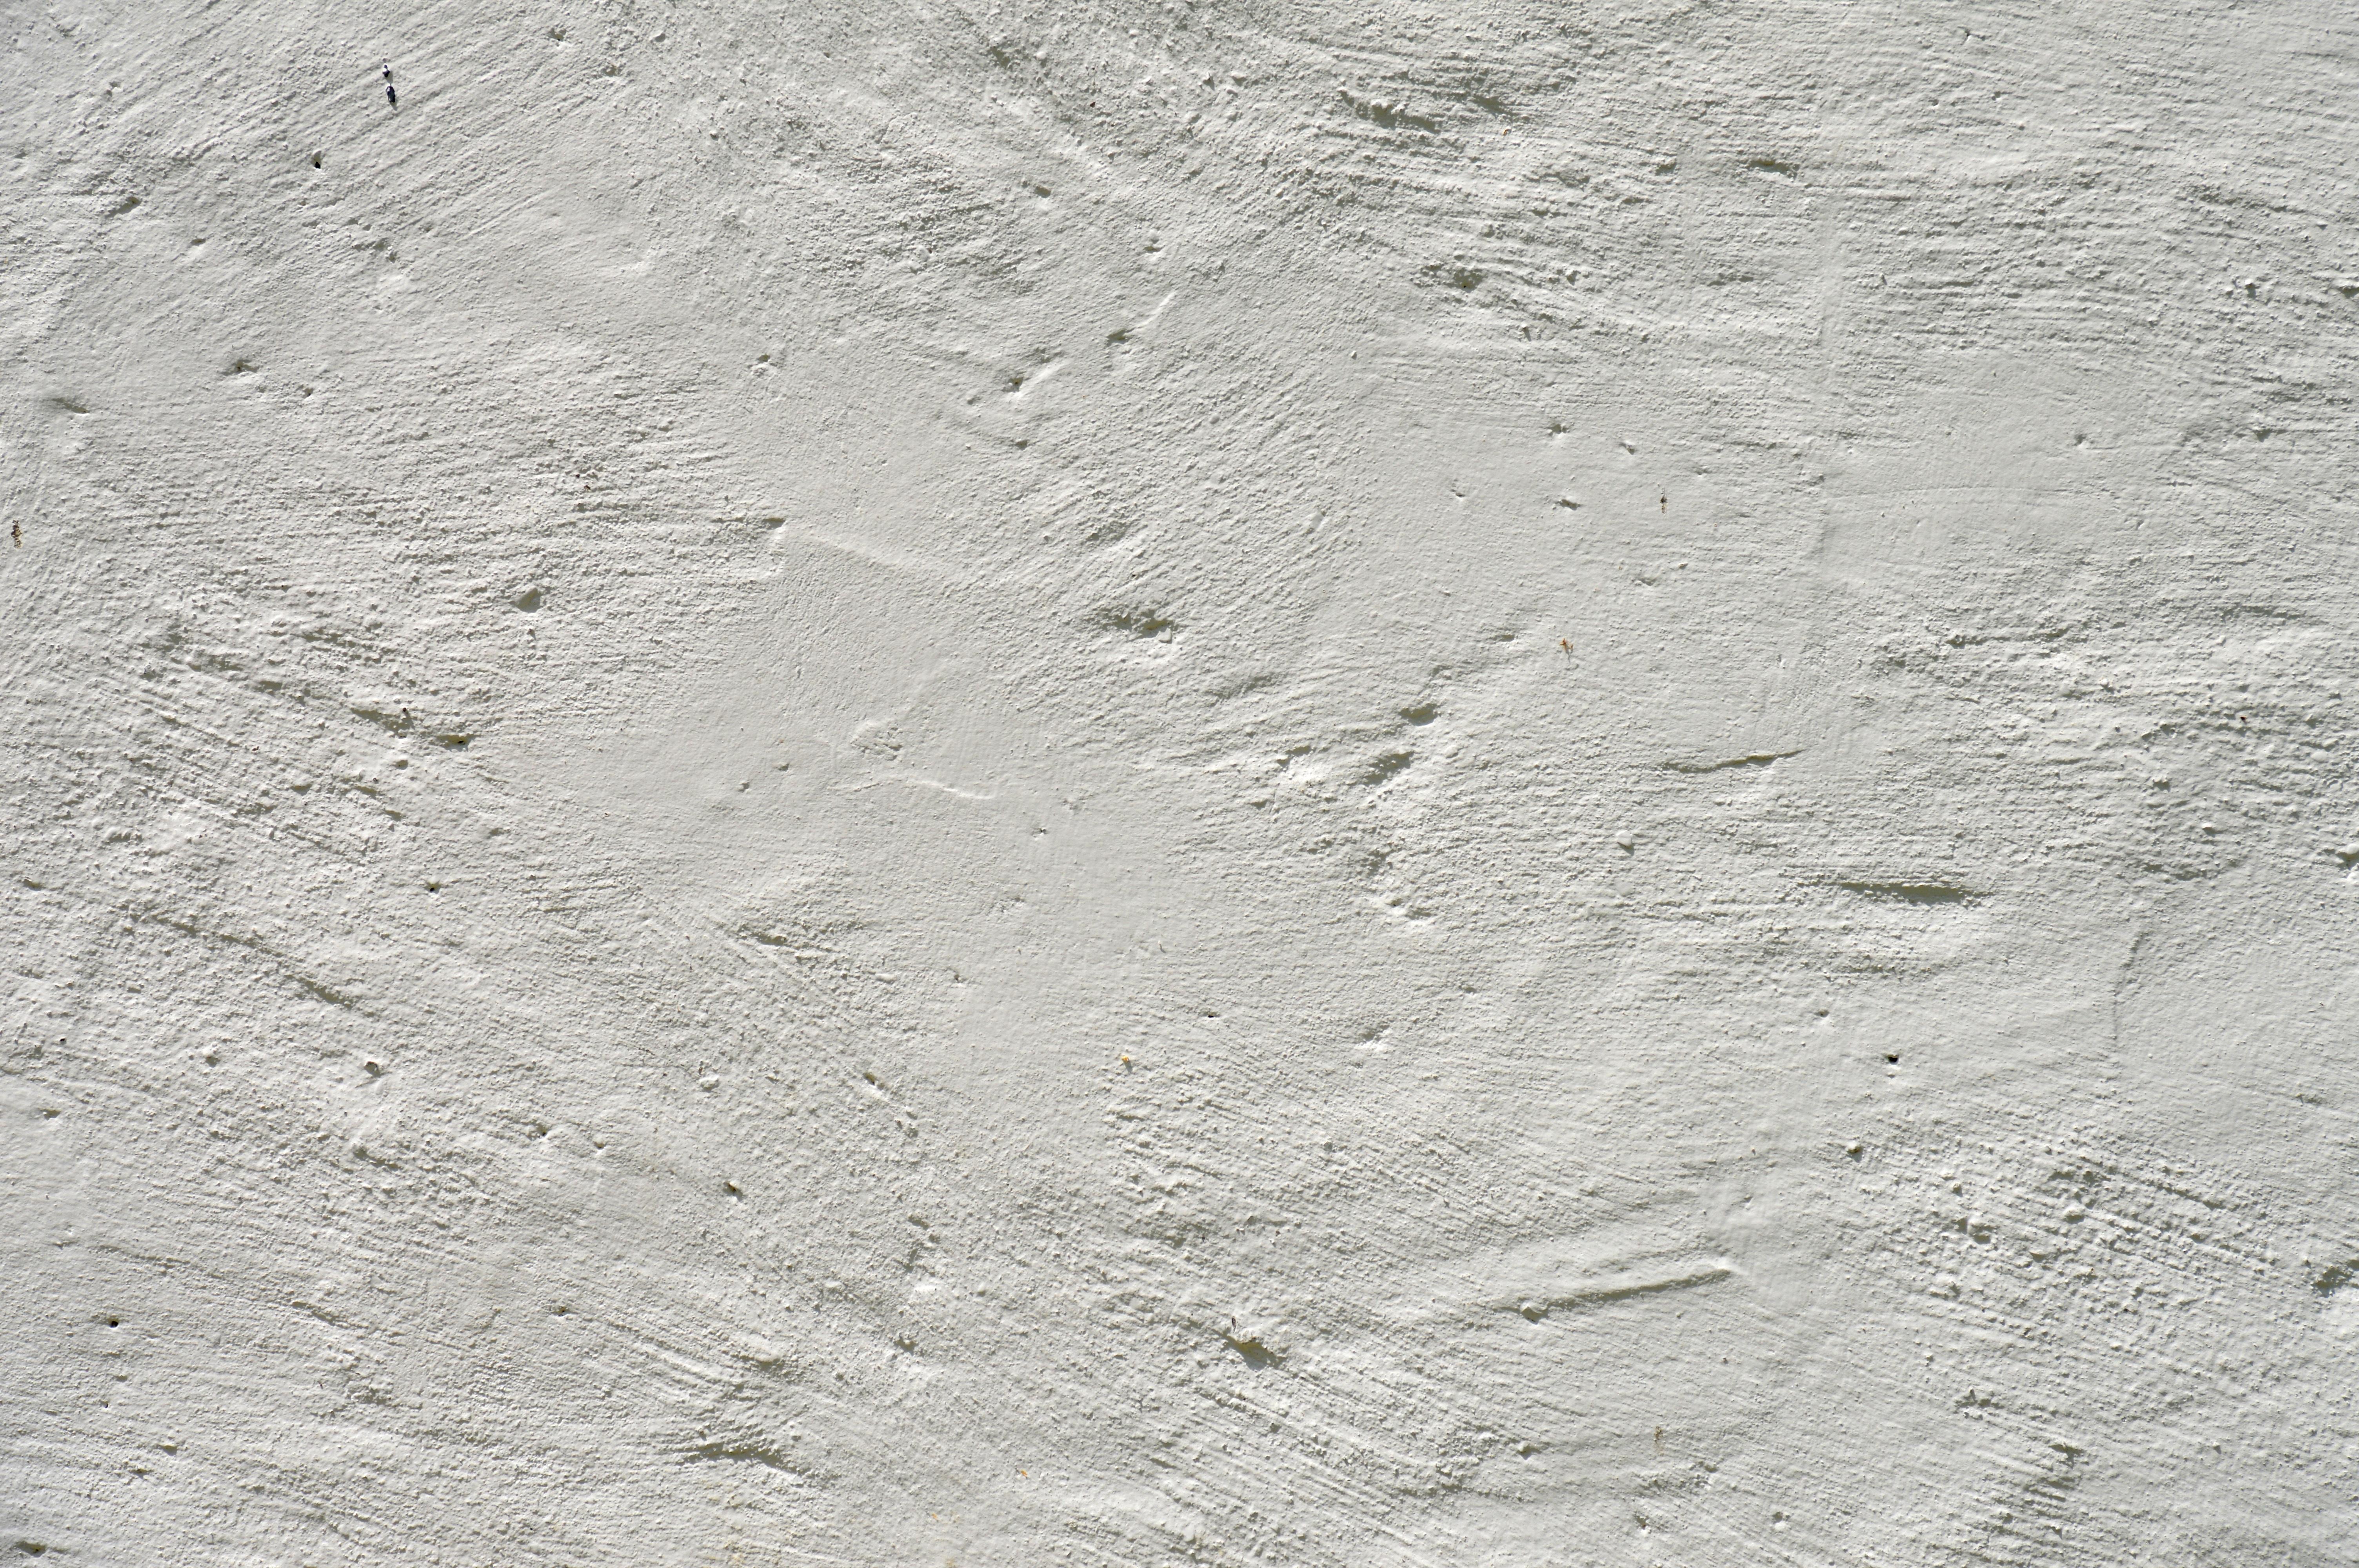 banco de imagens areia estrutura madeira branco. Black Bedroom Furniture Sets. Home Design Ideas